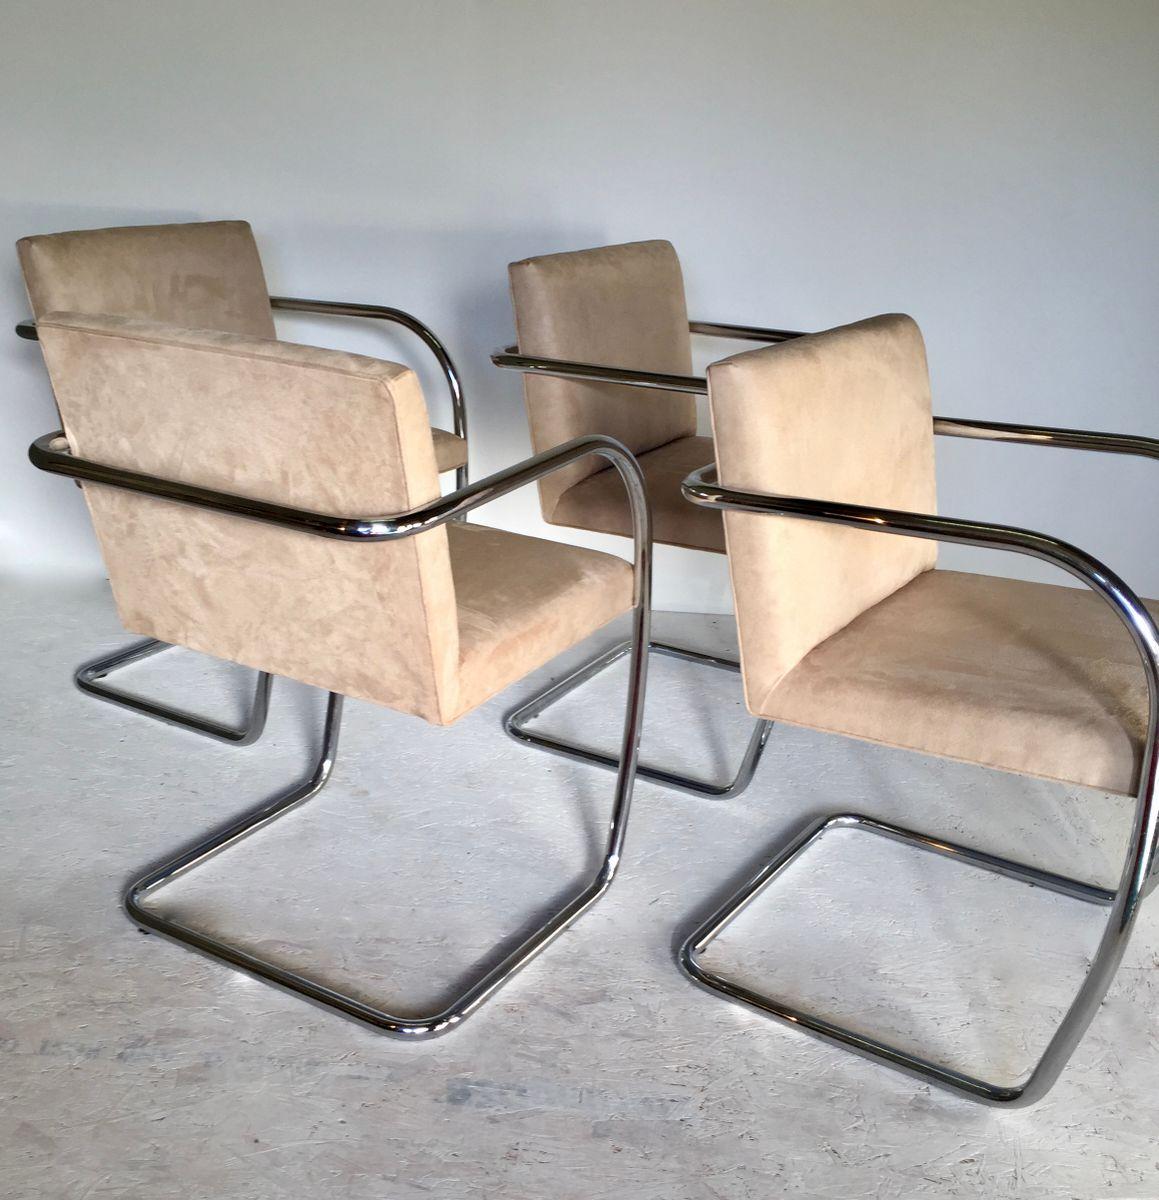 chrom st hle 1980er 4er set bei pamono kaufen. Black Bedroom Furniture Sets. Home Design Ideas